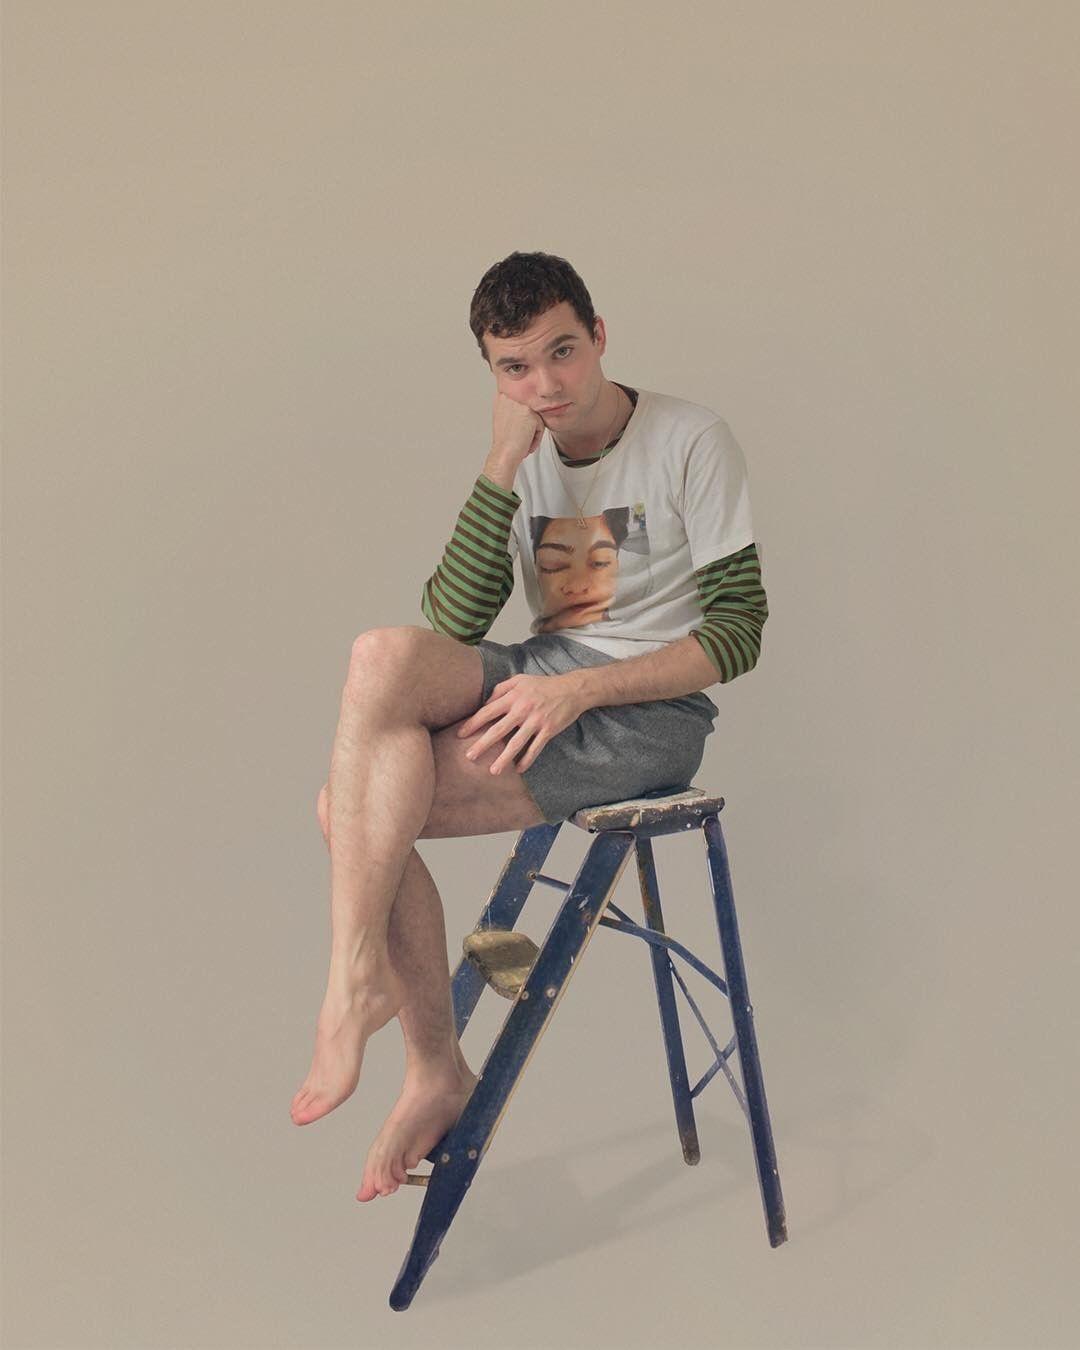 chico joven sentado